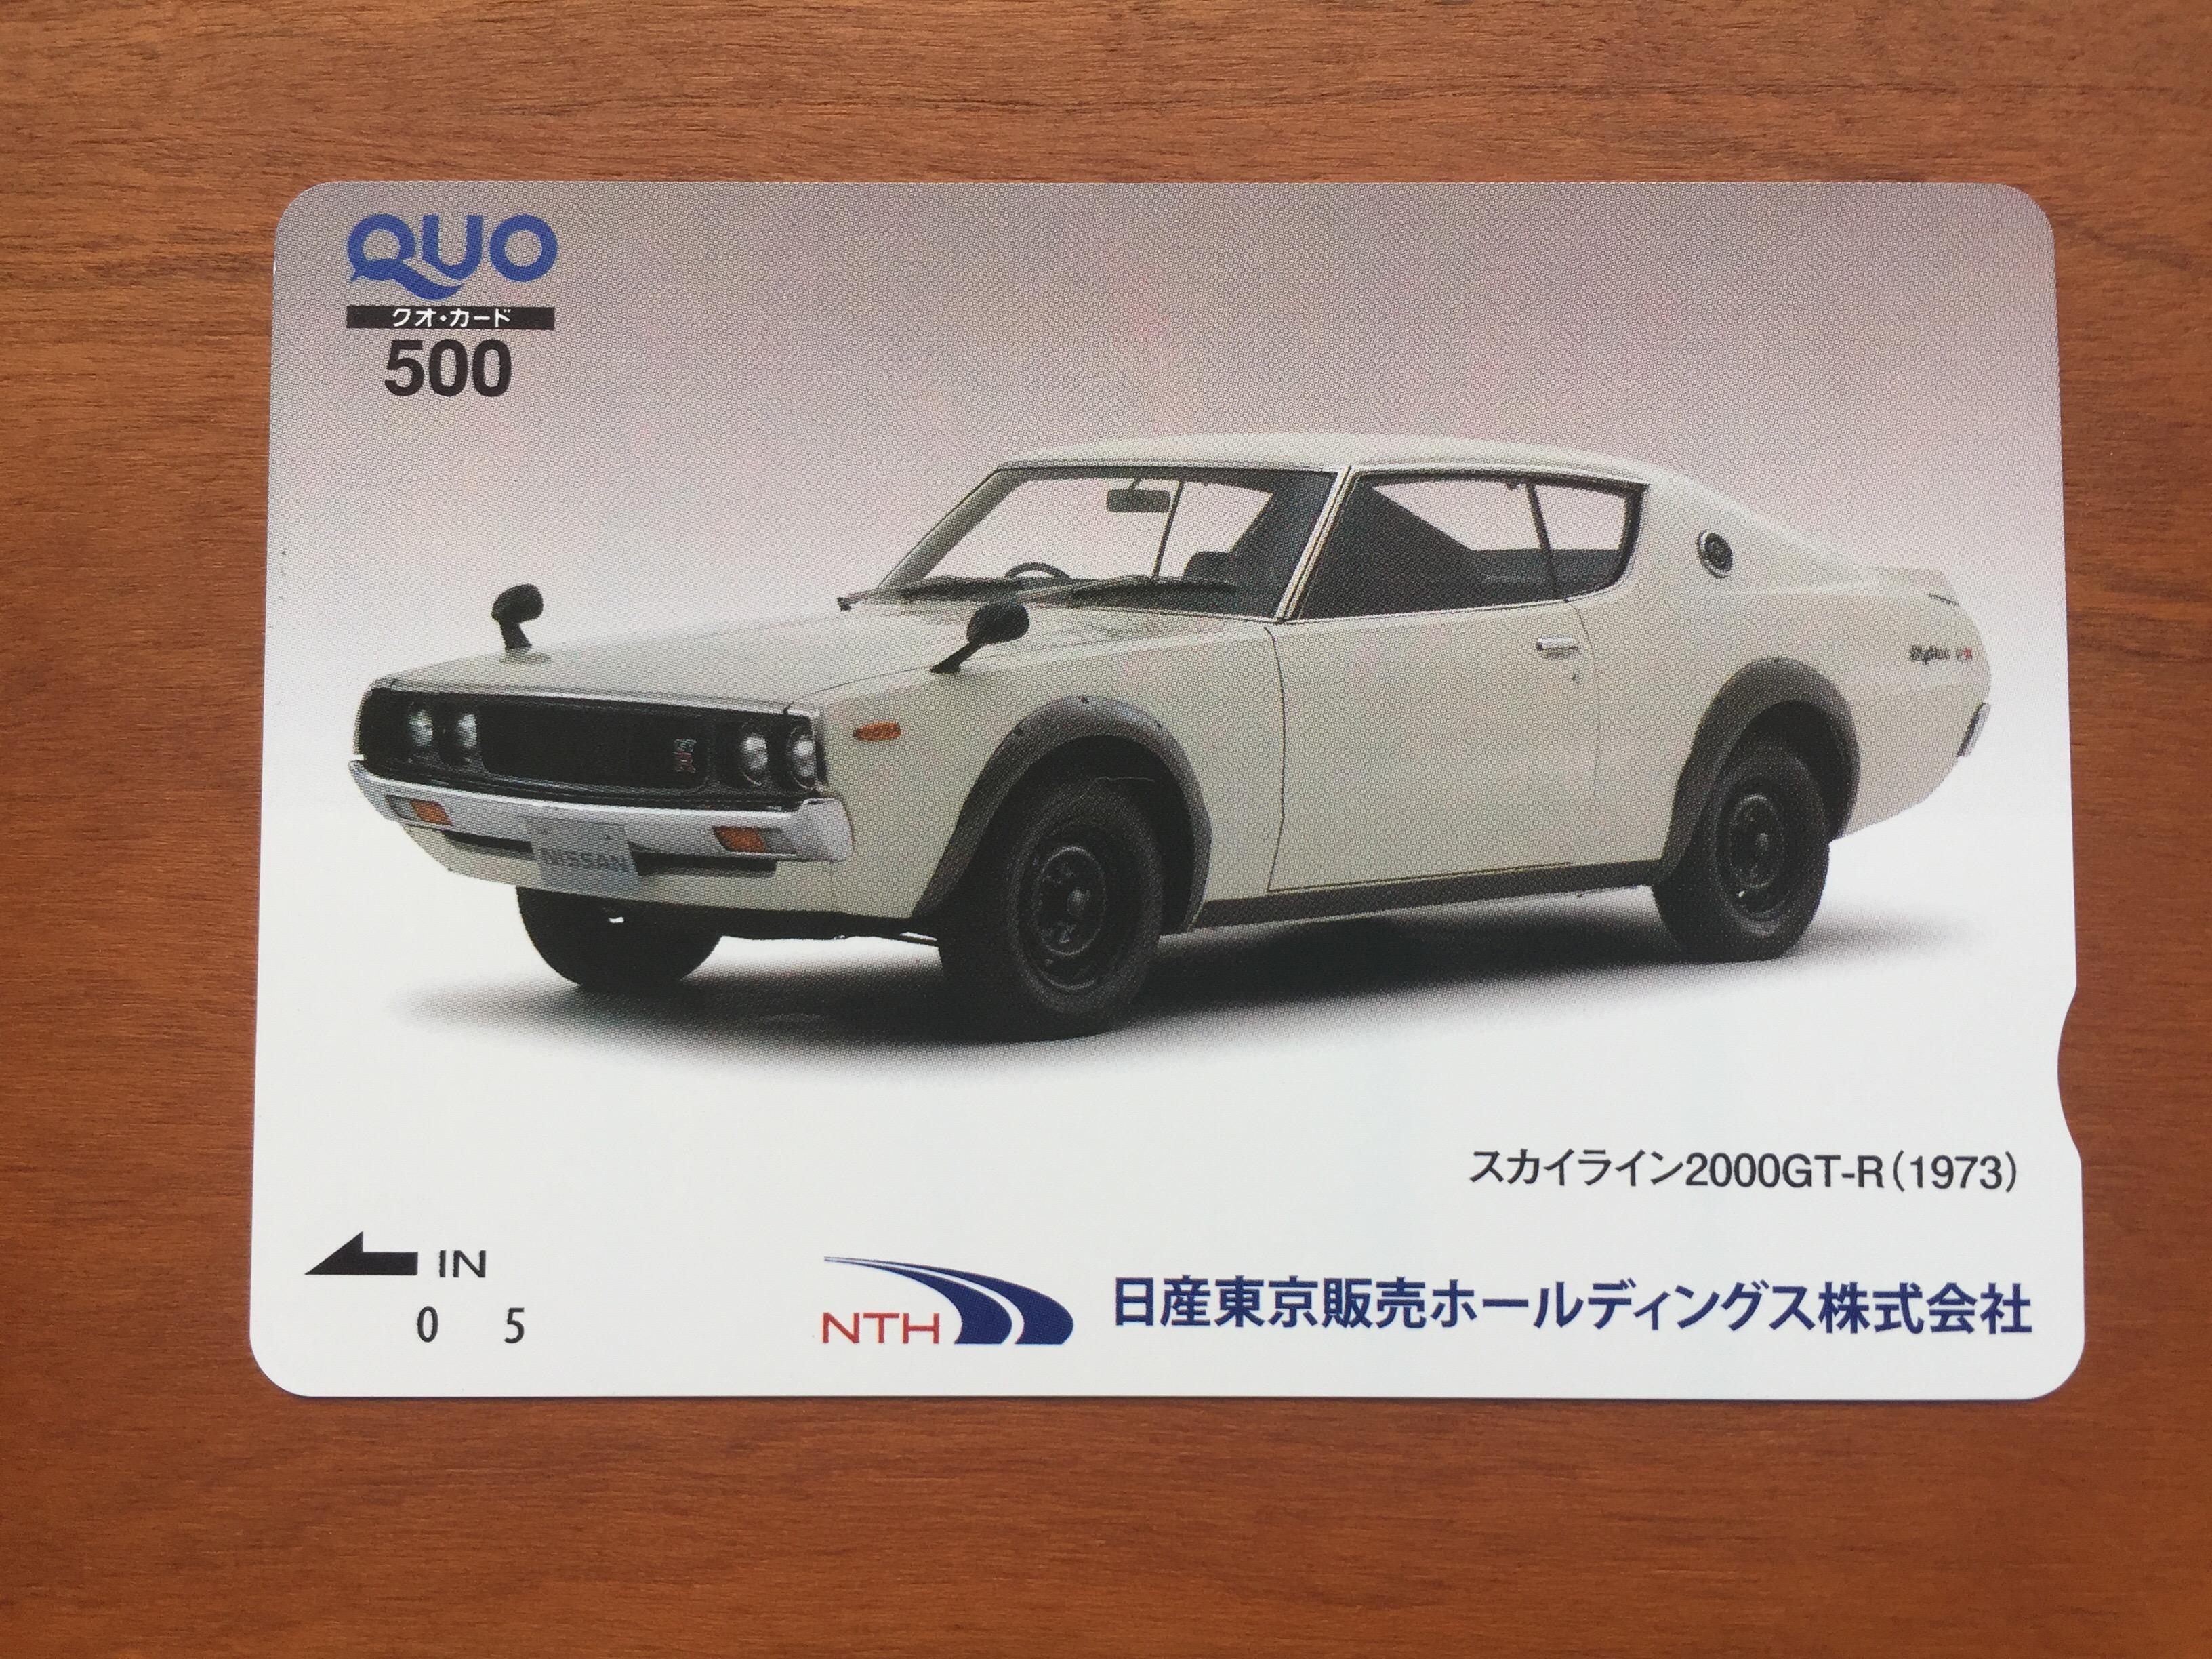 日産東京販売HDの株主優待 車好きなら是非欲しいクオカード